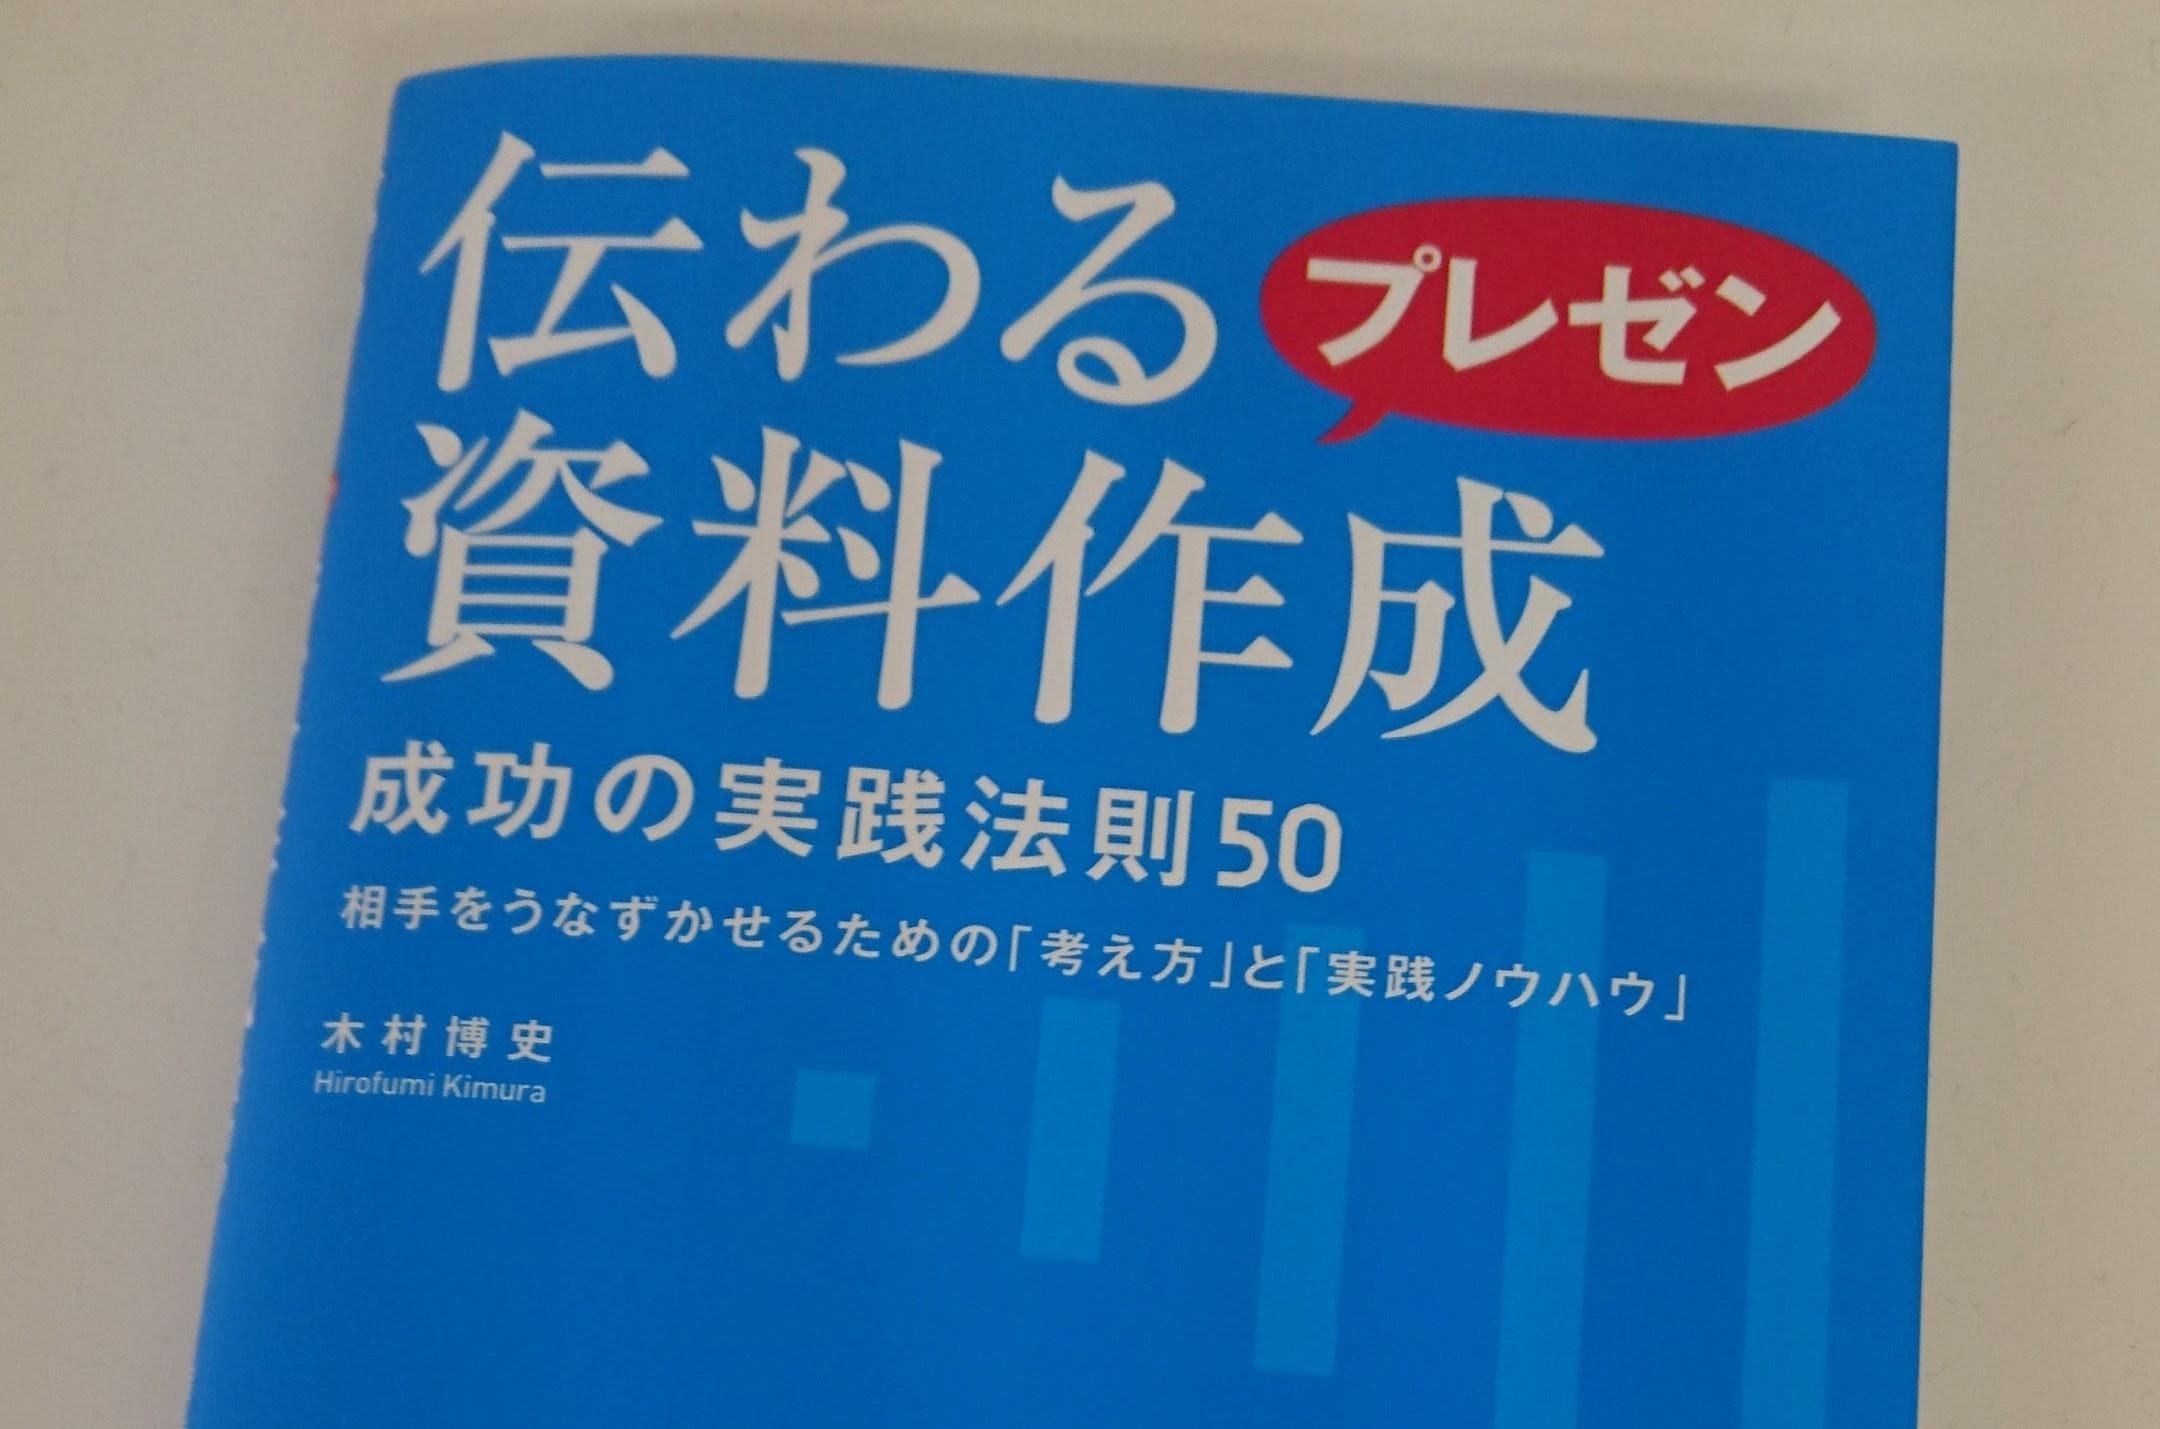 伝わる資料作成_DSC_0217.JPG